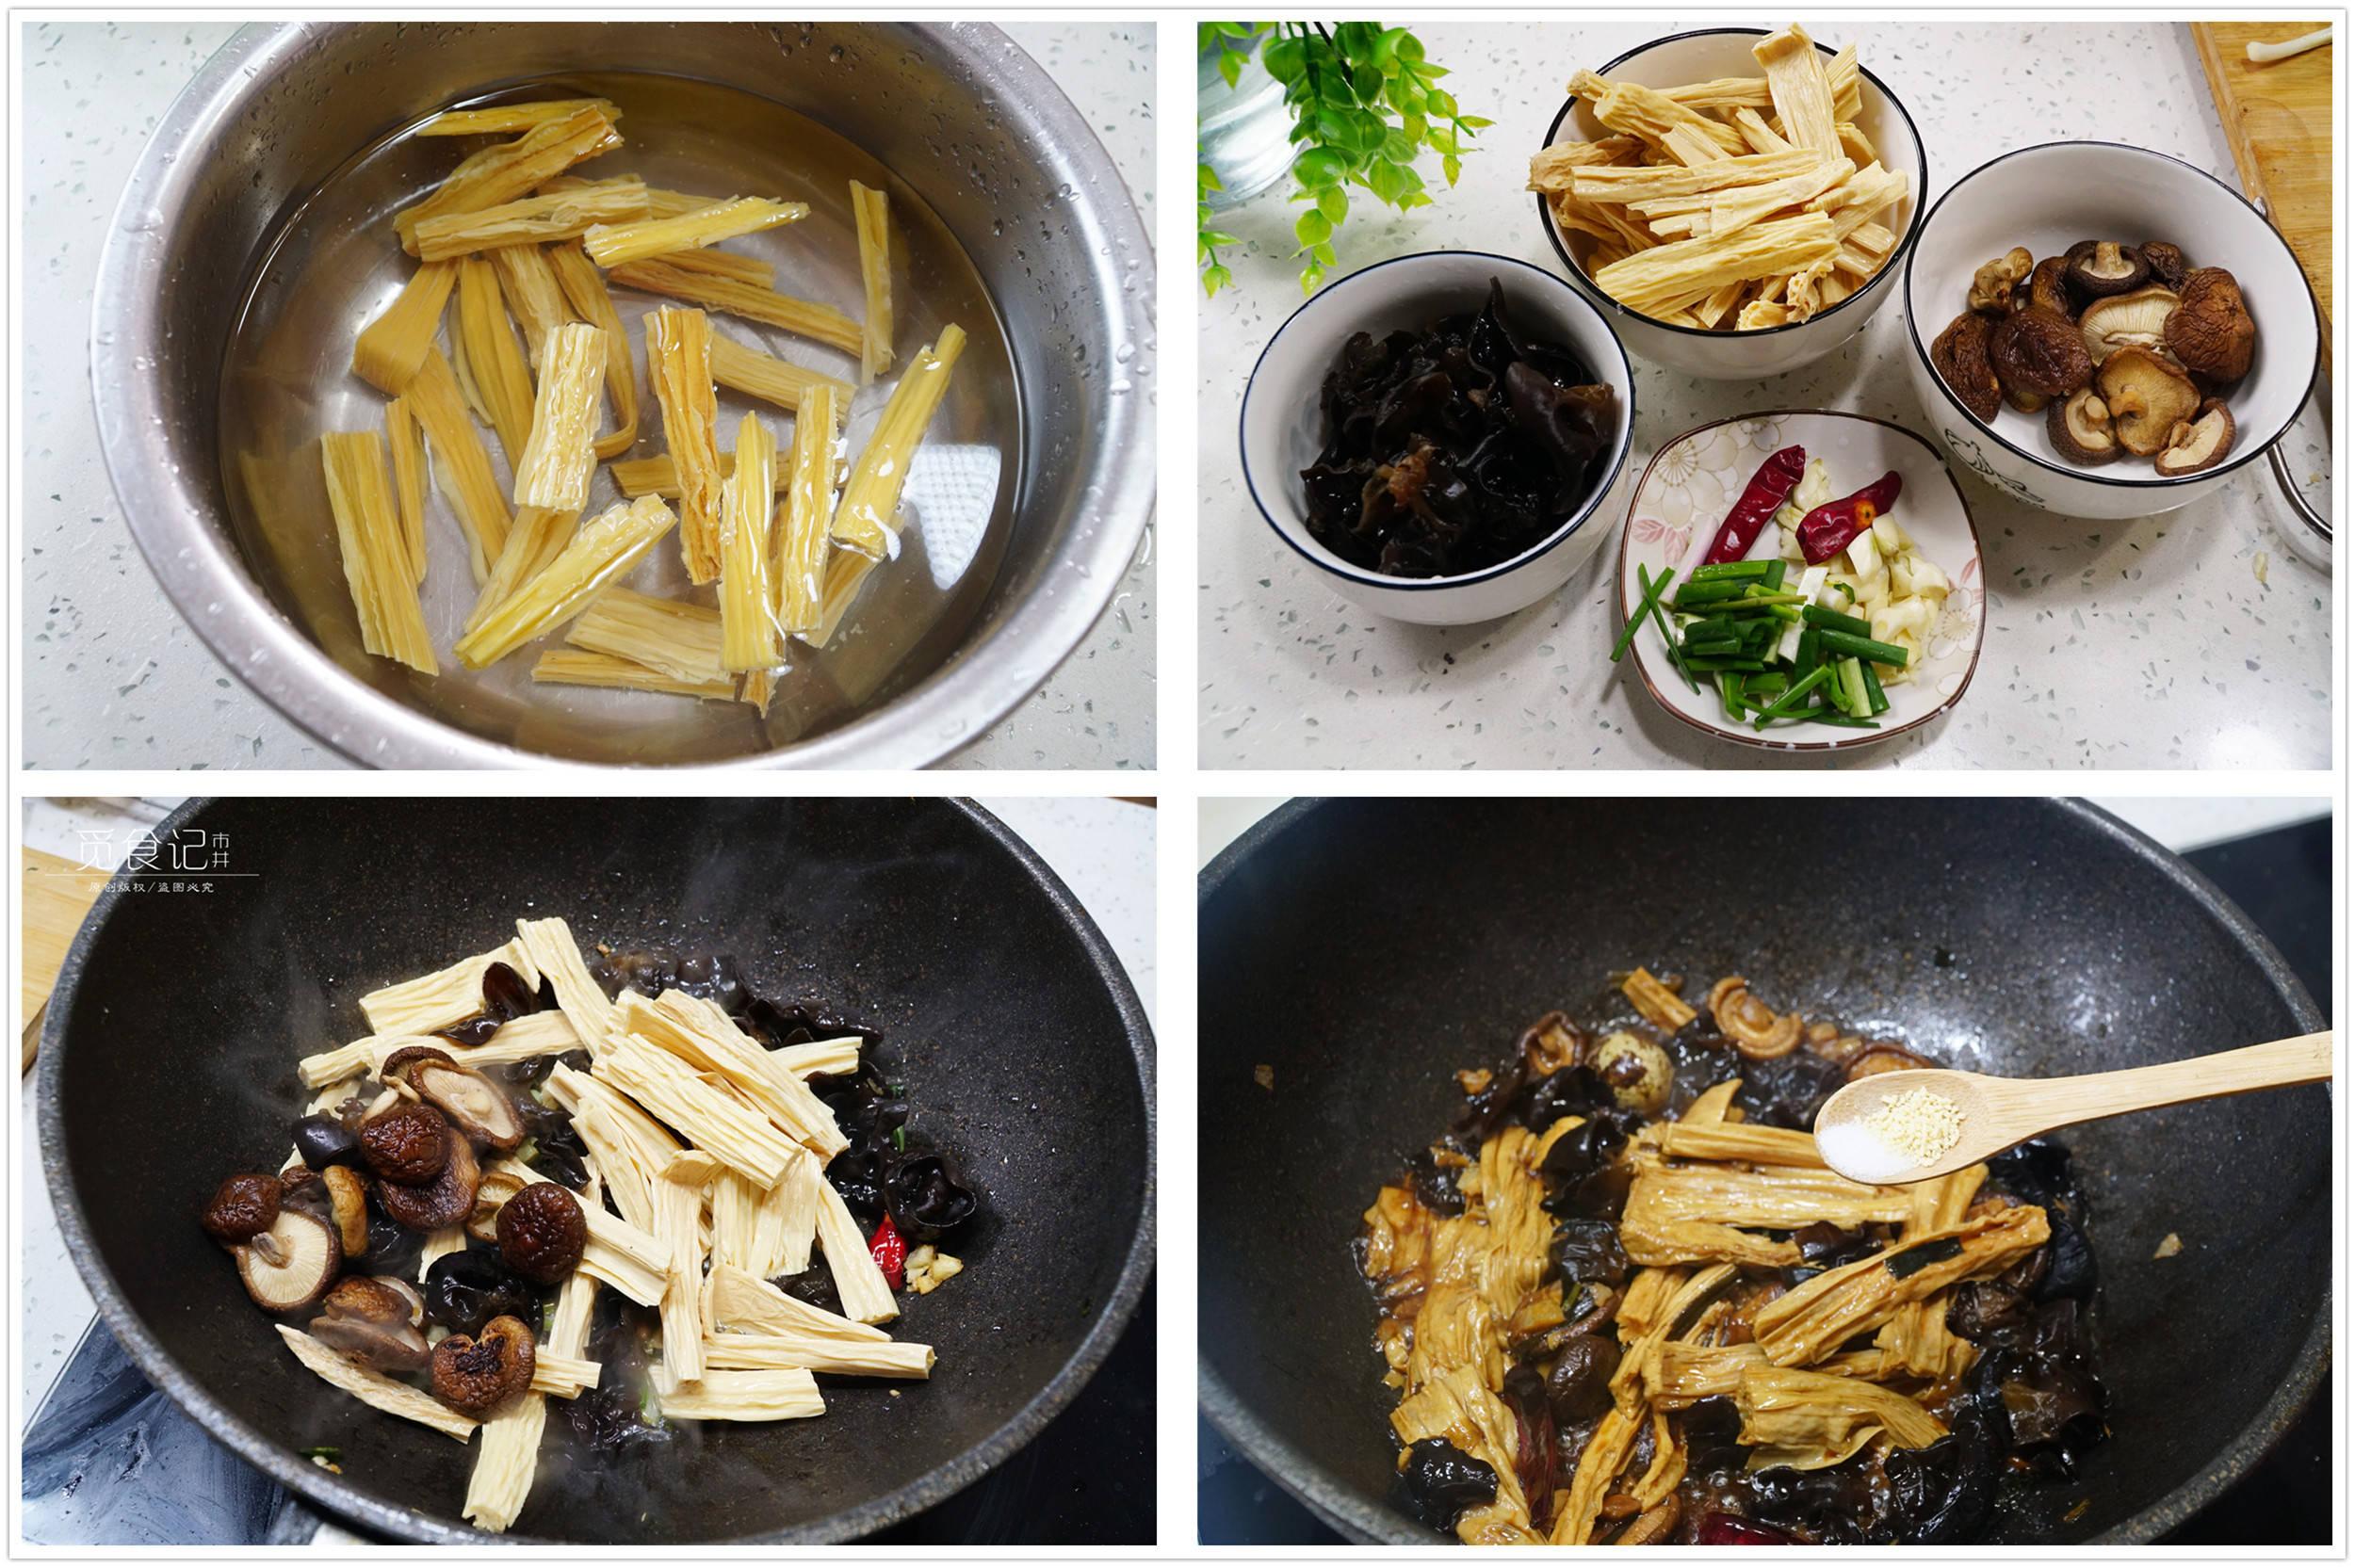 青山学的家常菜,营养又健康,花钱少还吃得饱,这个可以有!  什么菜有营养又健康